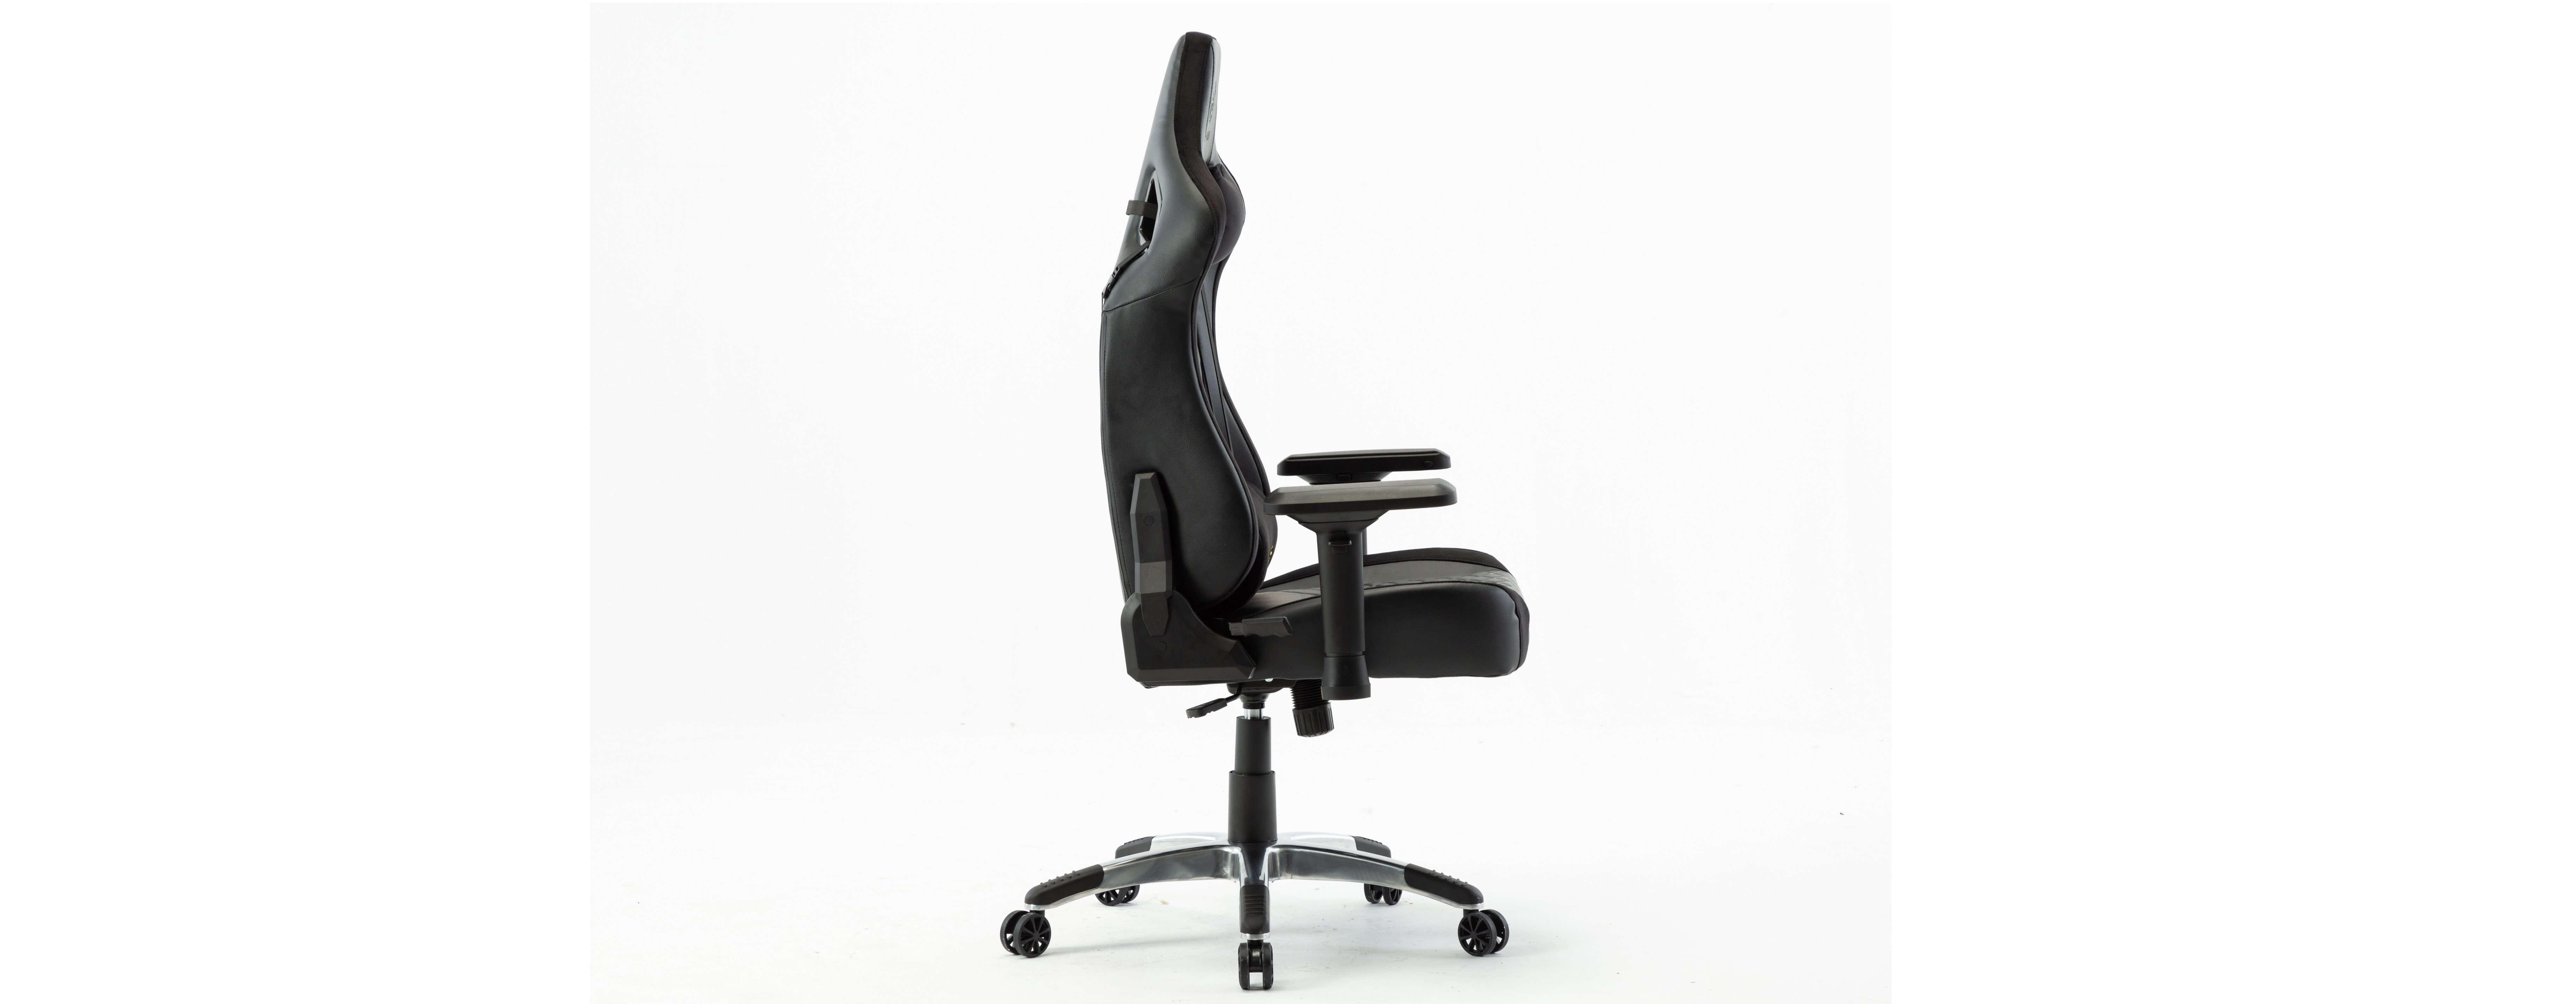 Ghế gamer E-Dra Hercules EGC203 Pro Black/Red có thiết kế lưng ghế công thái học ôm sát lưng